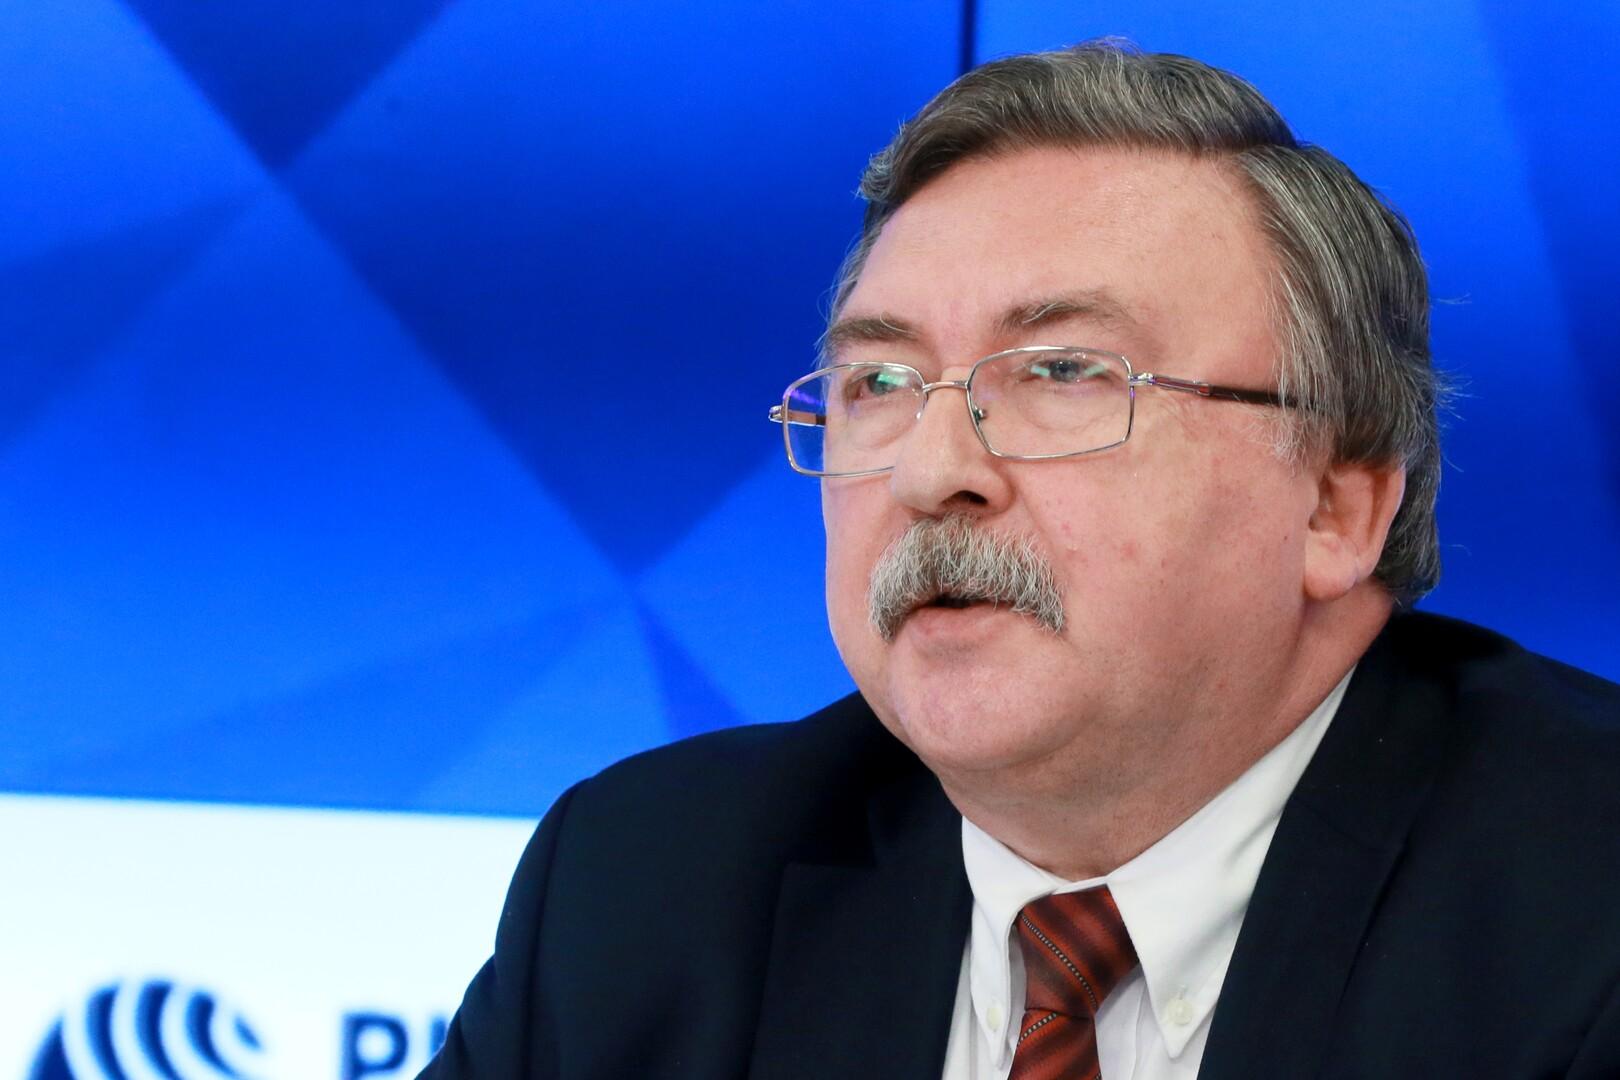 مسؤول روسي: لا توجد تغيرات جدية في الاتفاق النووي بعد الخطوات الإيرانية الأخيرة